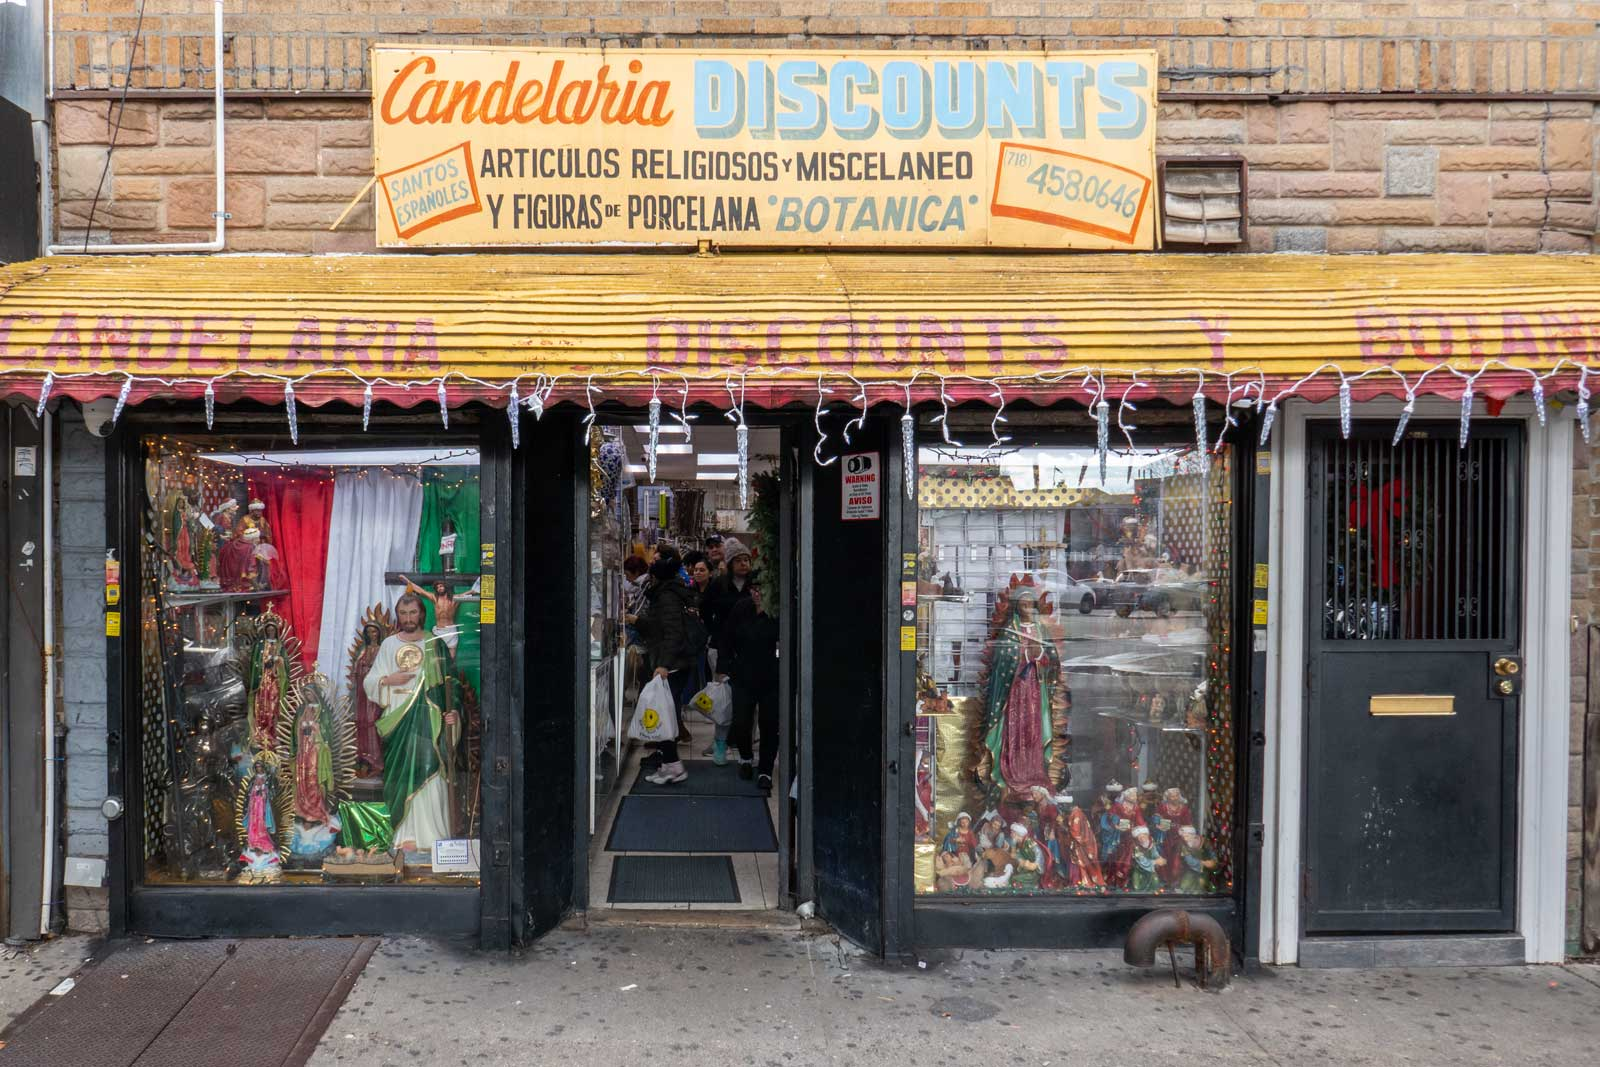 Candelaria Discounts in Jackson Heights Queens